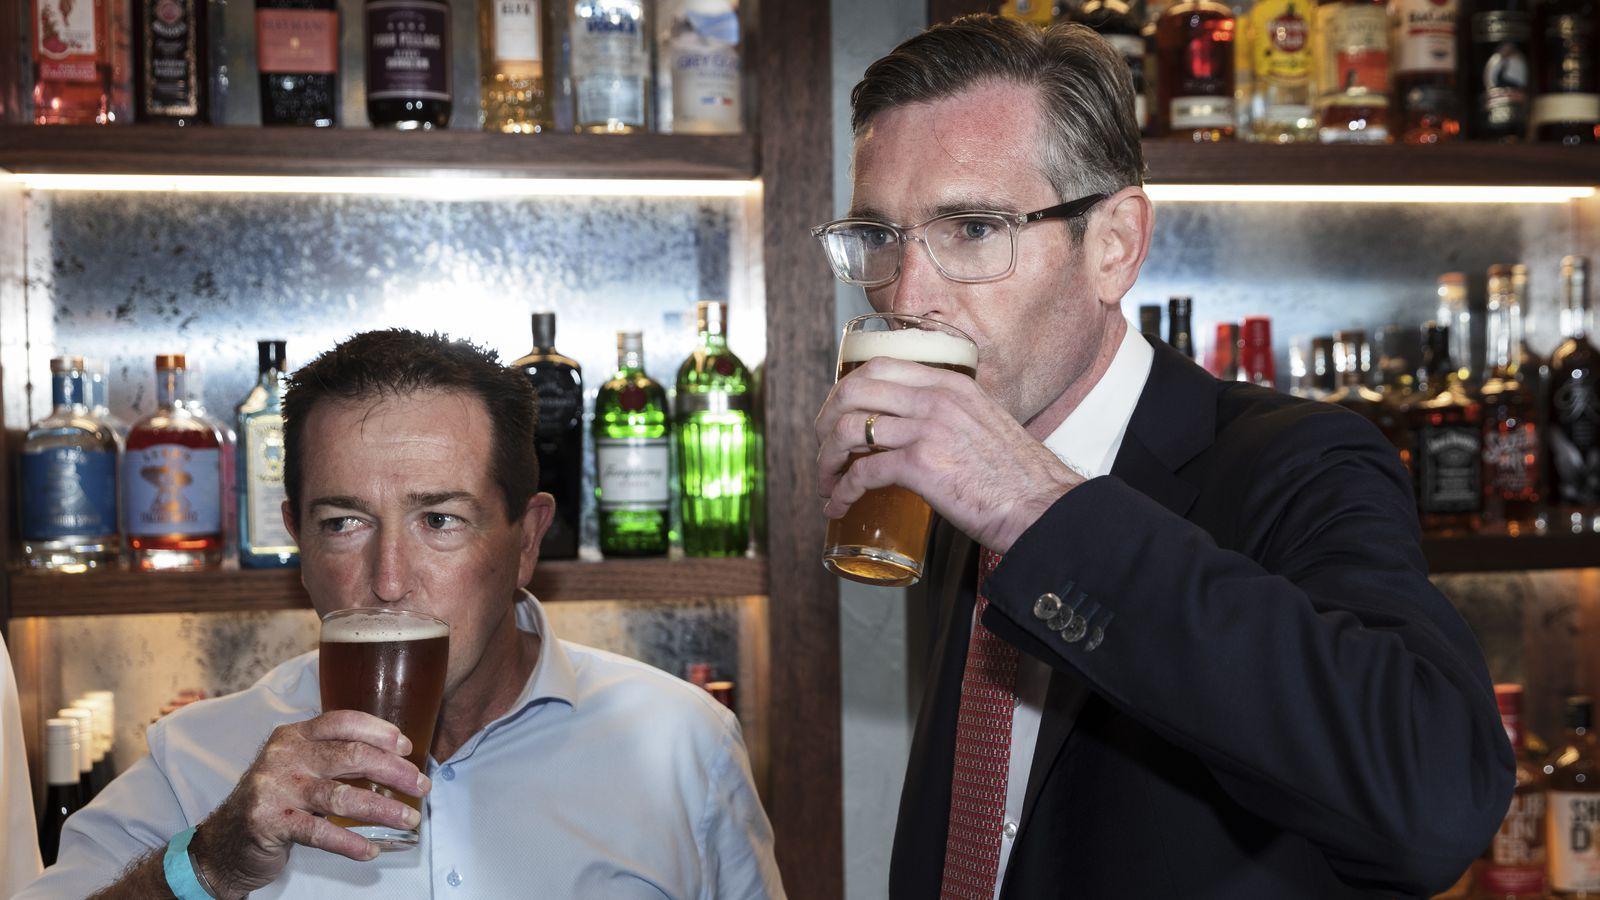 站着喝啤酒的新州州长佩洛特避免了被罚钱